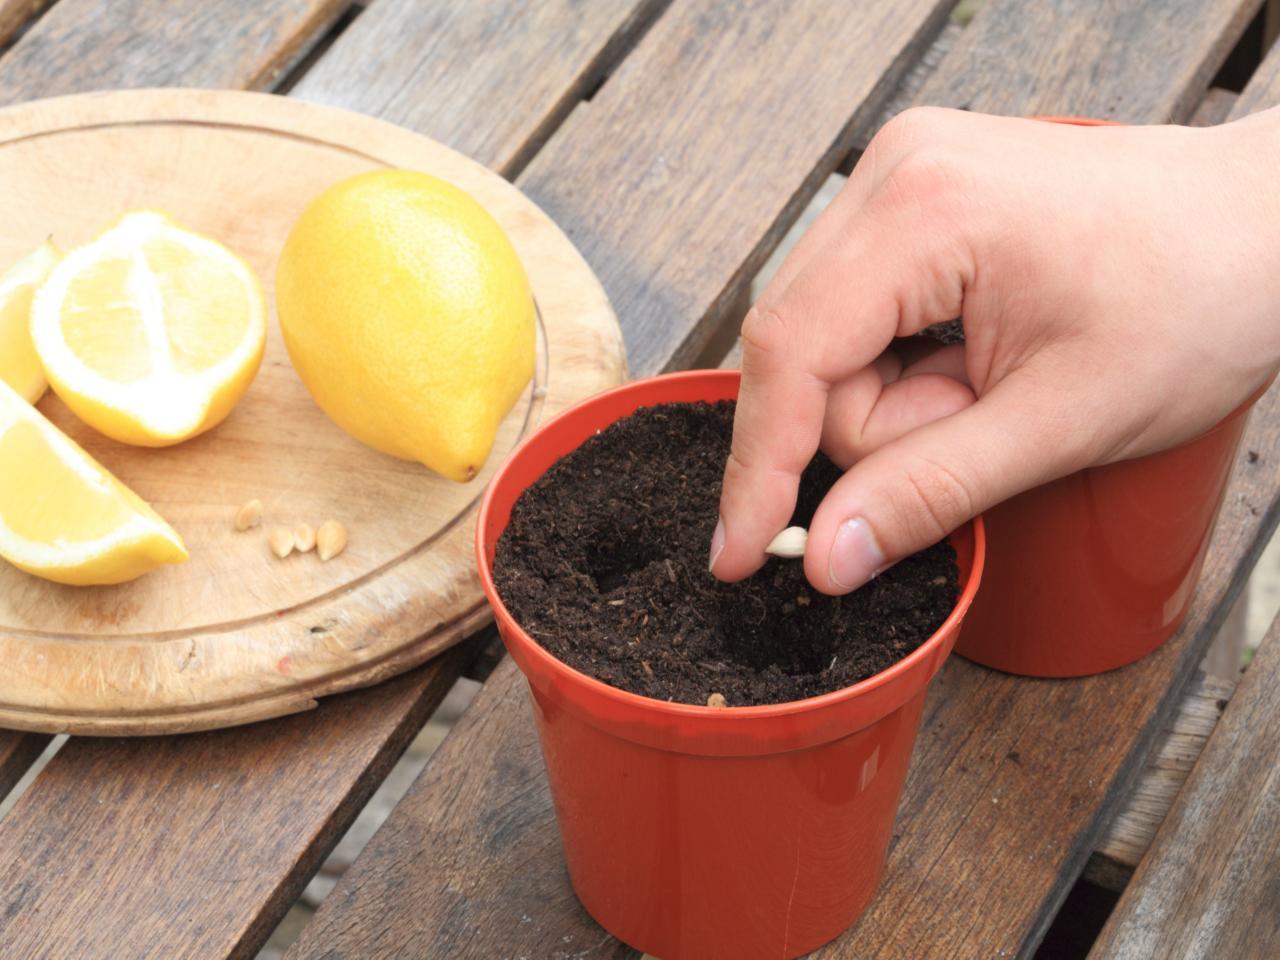 Косточка лимона в земле